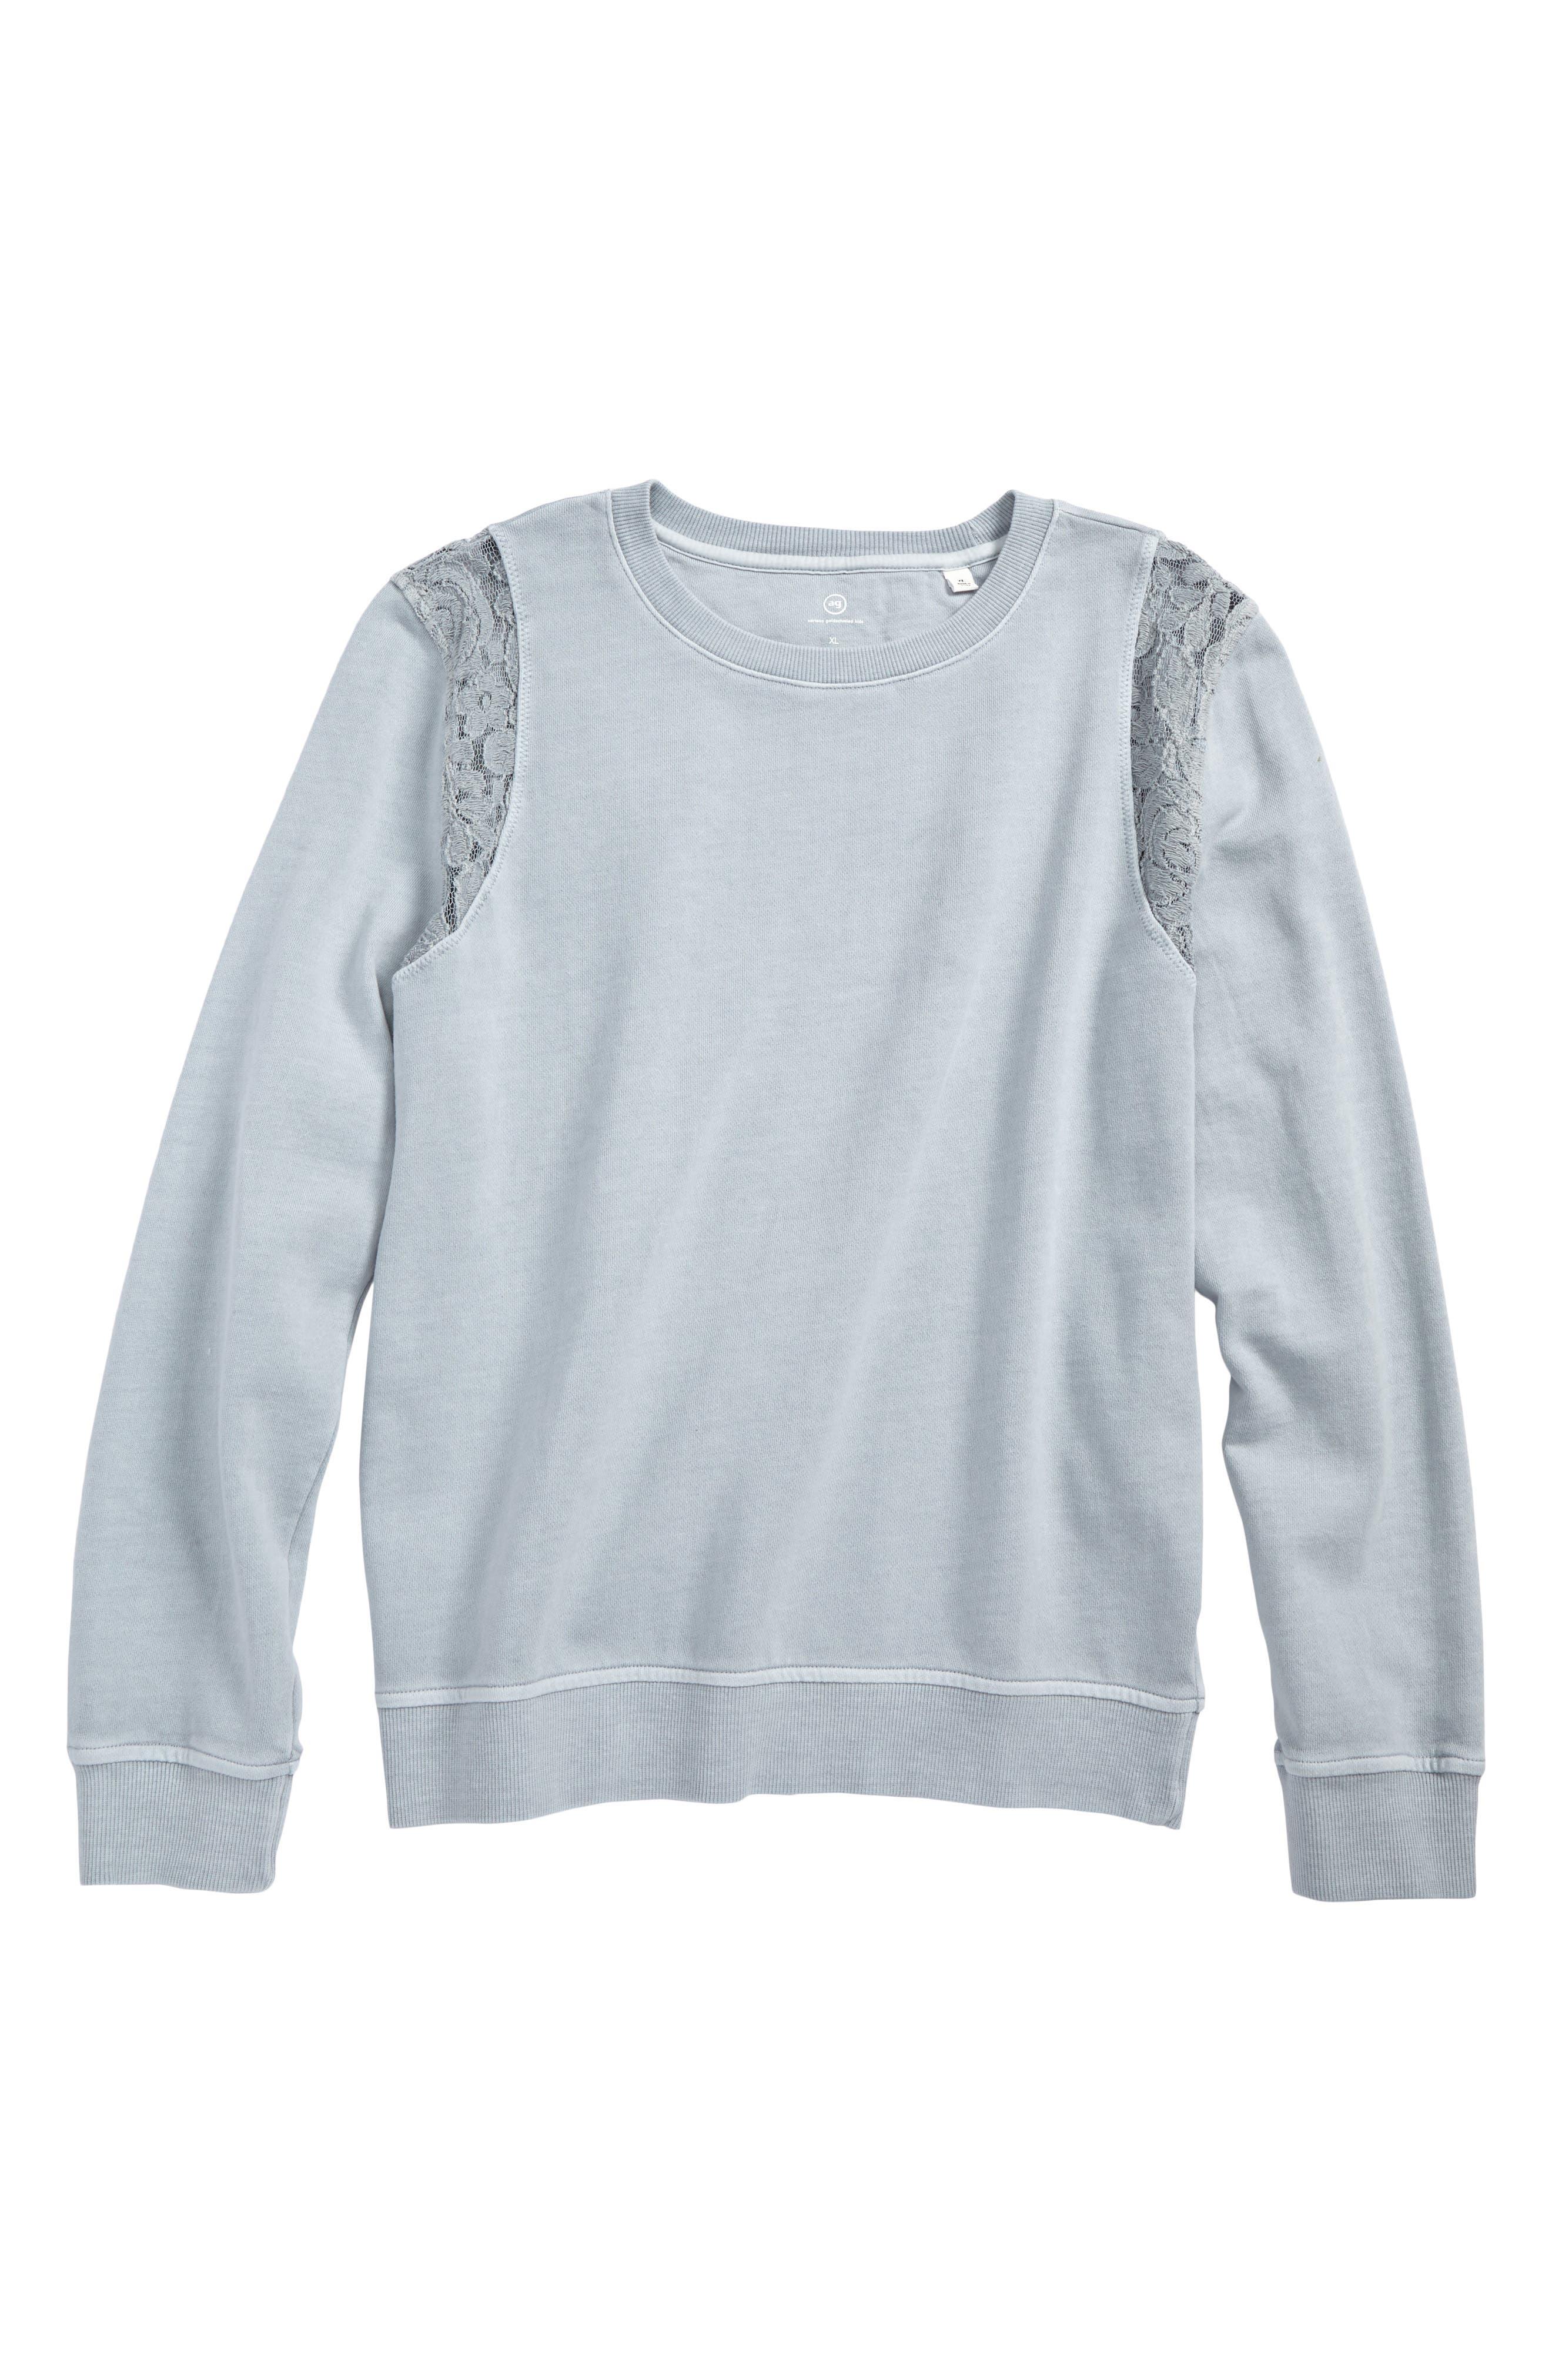 Lace Sweatshirt,                         Main,                         color, Grey Dawn